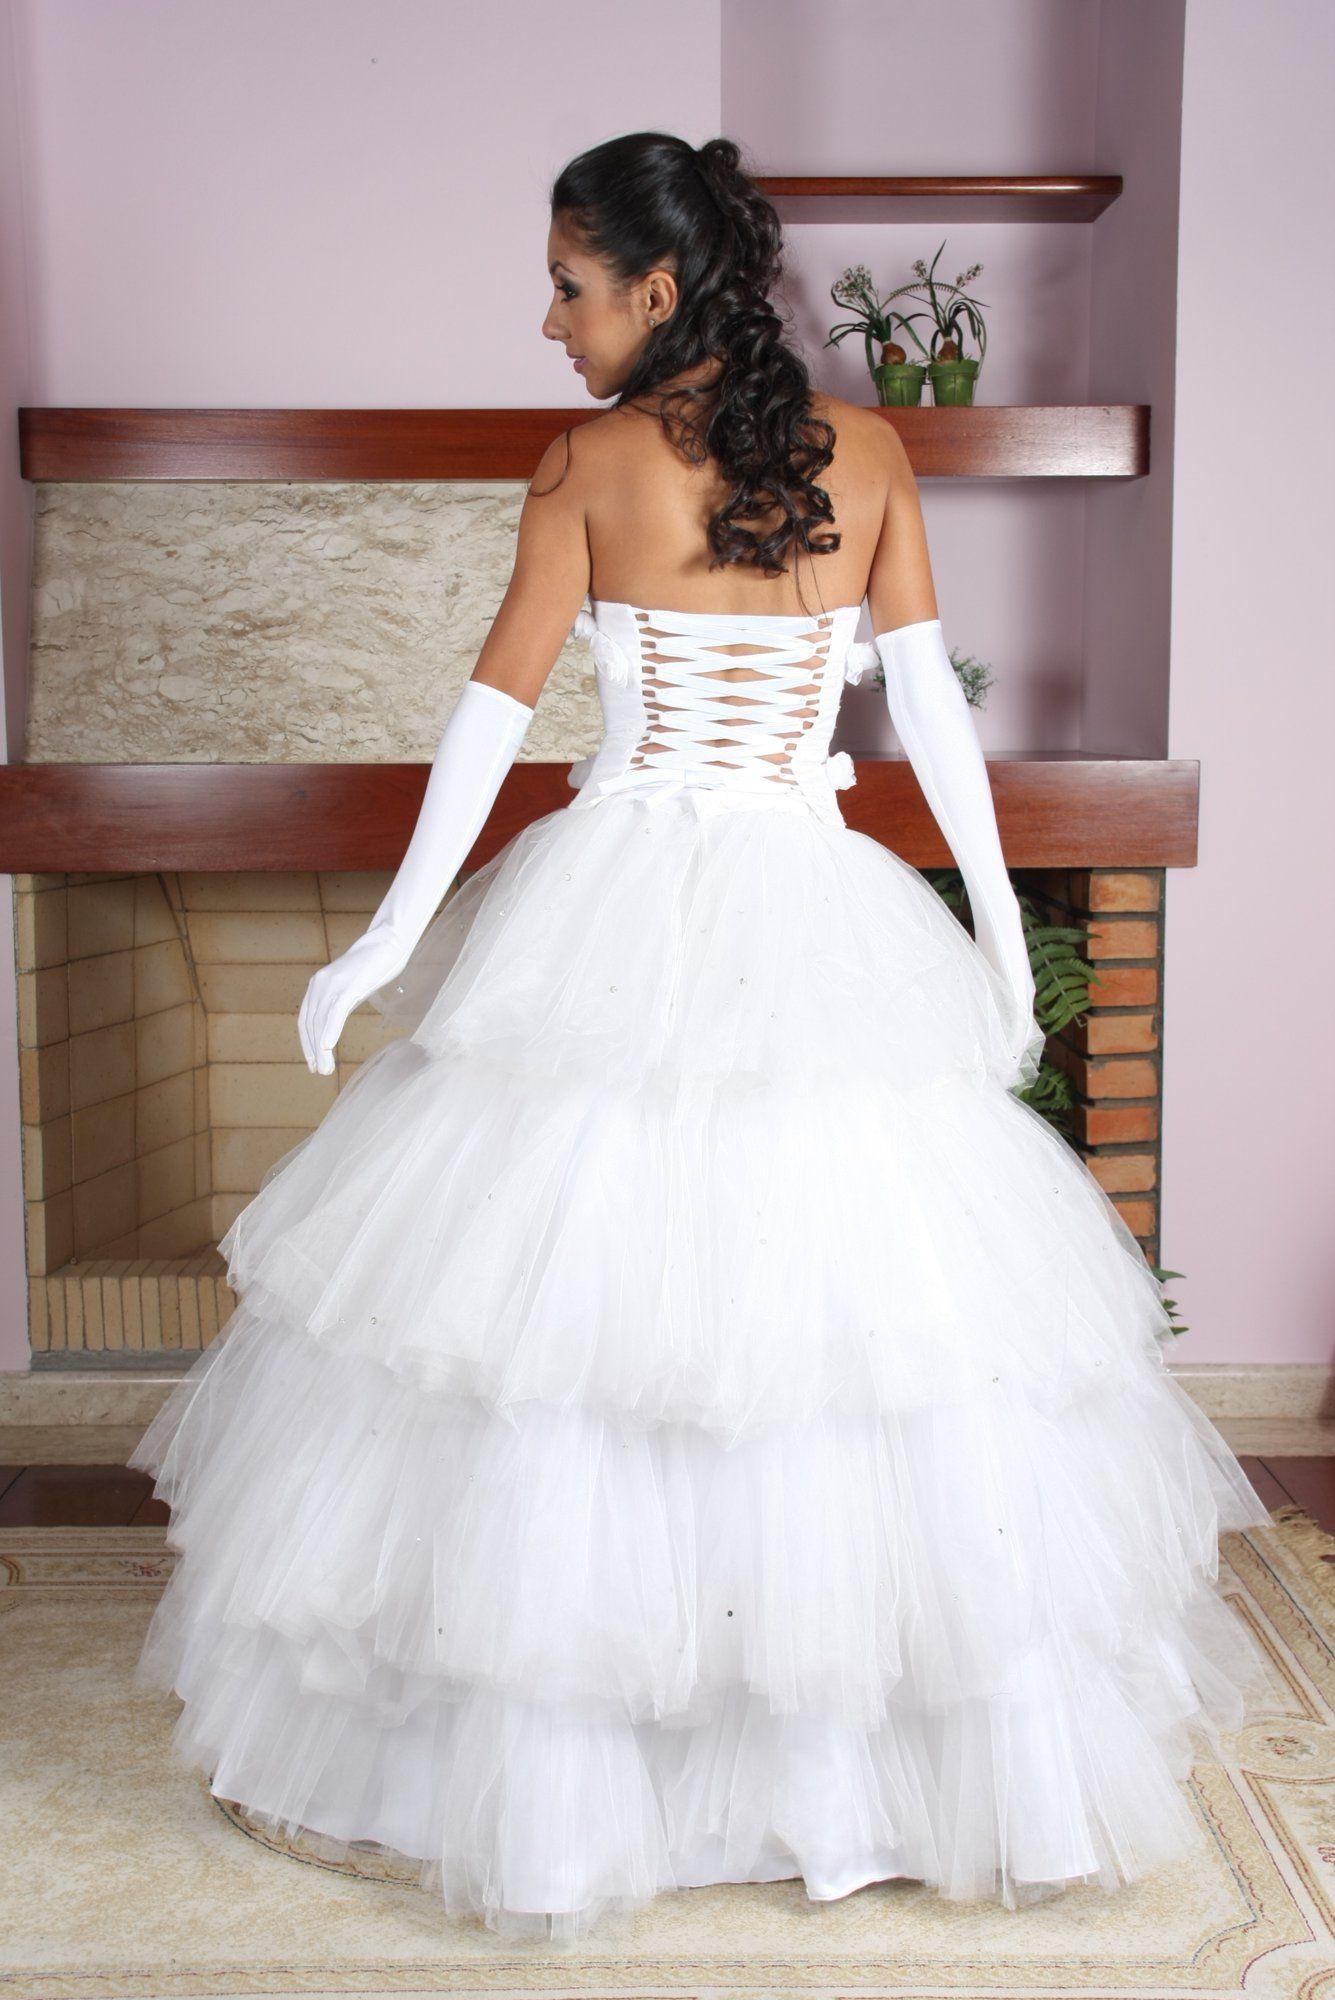 Vestido de Debutante Branco - 1 - Hipnose Alta Costura e Spa para Noivas e Noivos - Campinas - SP Vestido de Debutante, Vestido de Debutante Branco, Hipnose Alta Costura